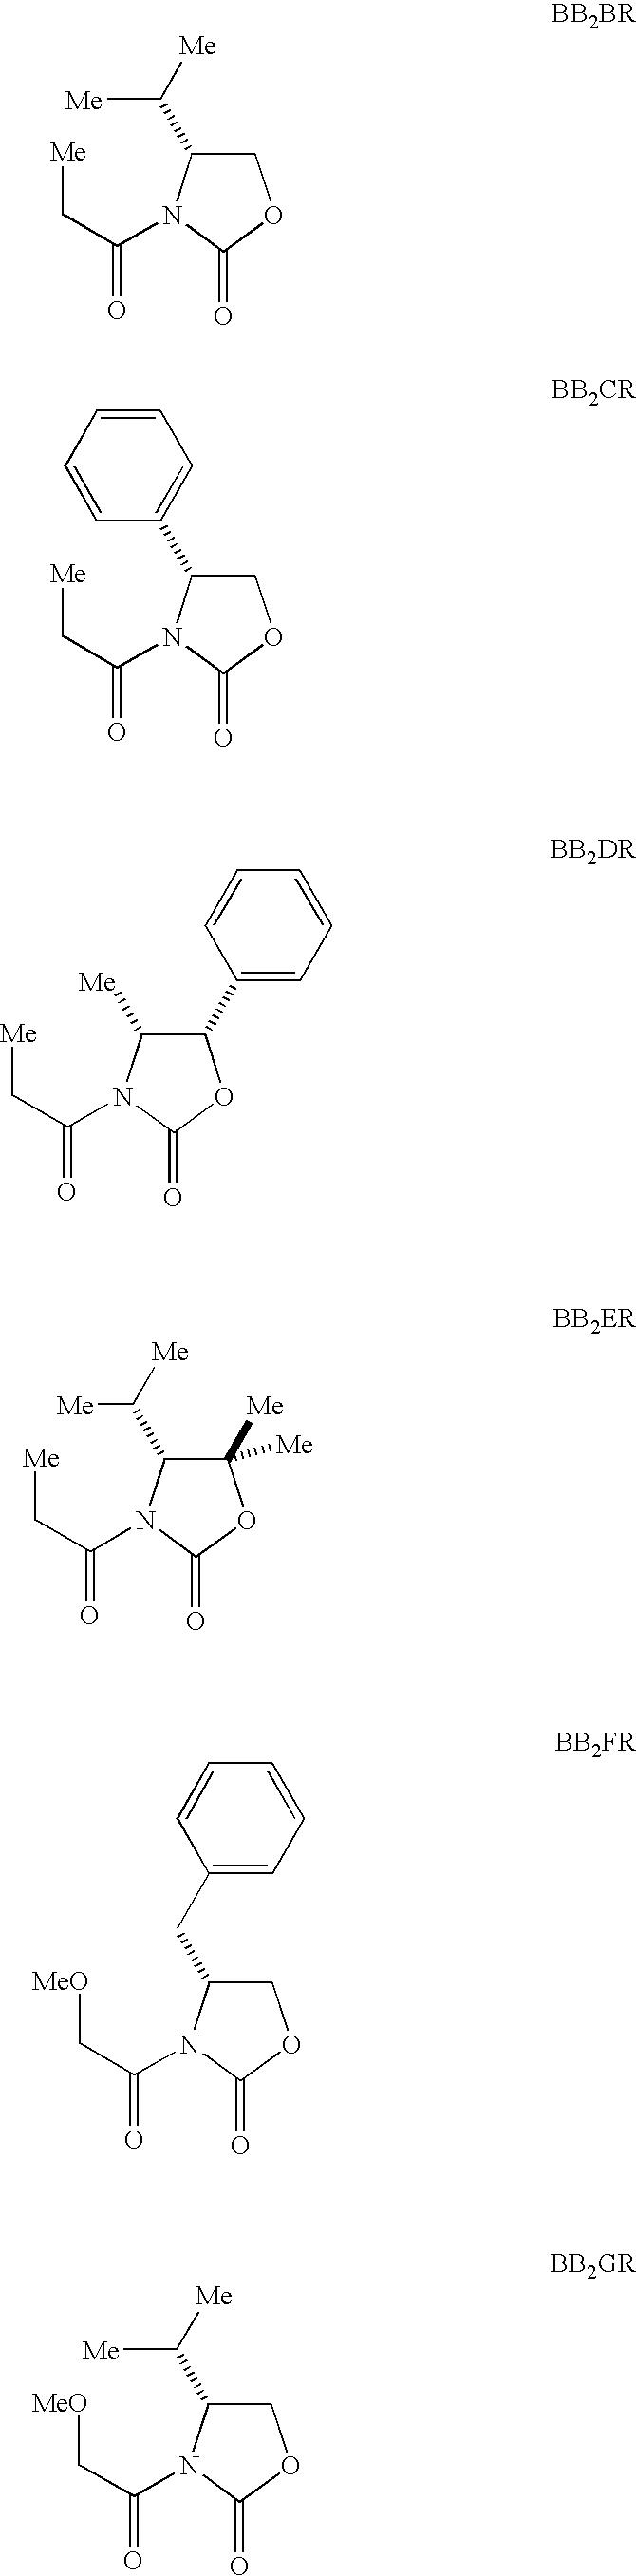 Figure US20040214232A1-20041028-C00071